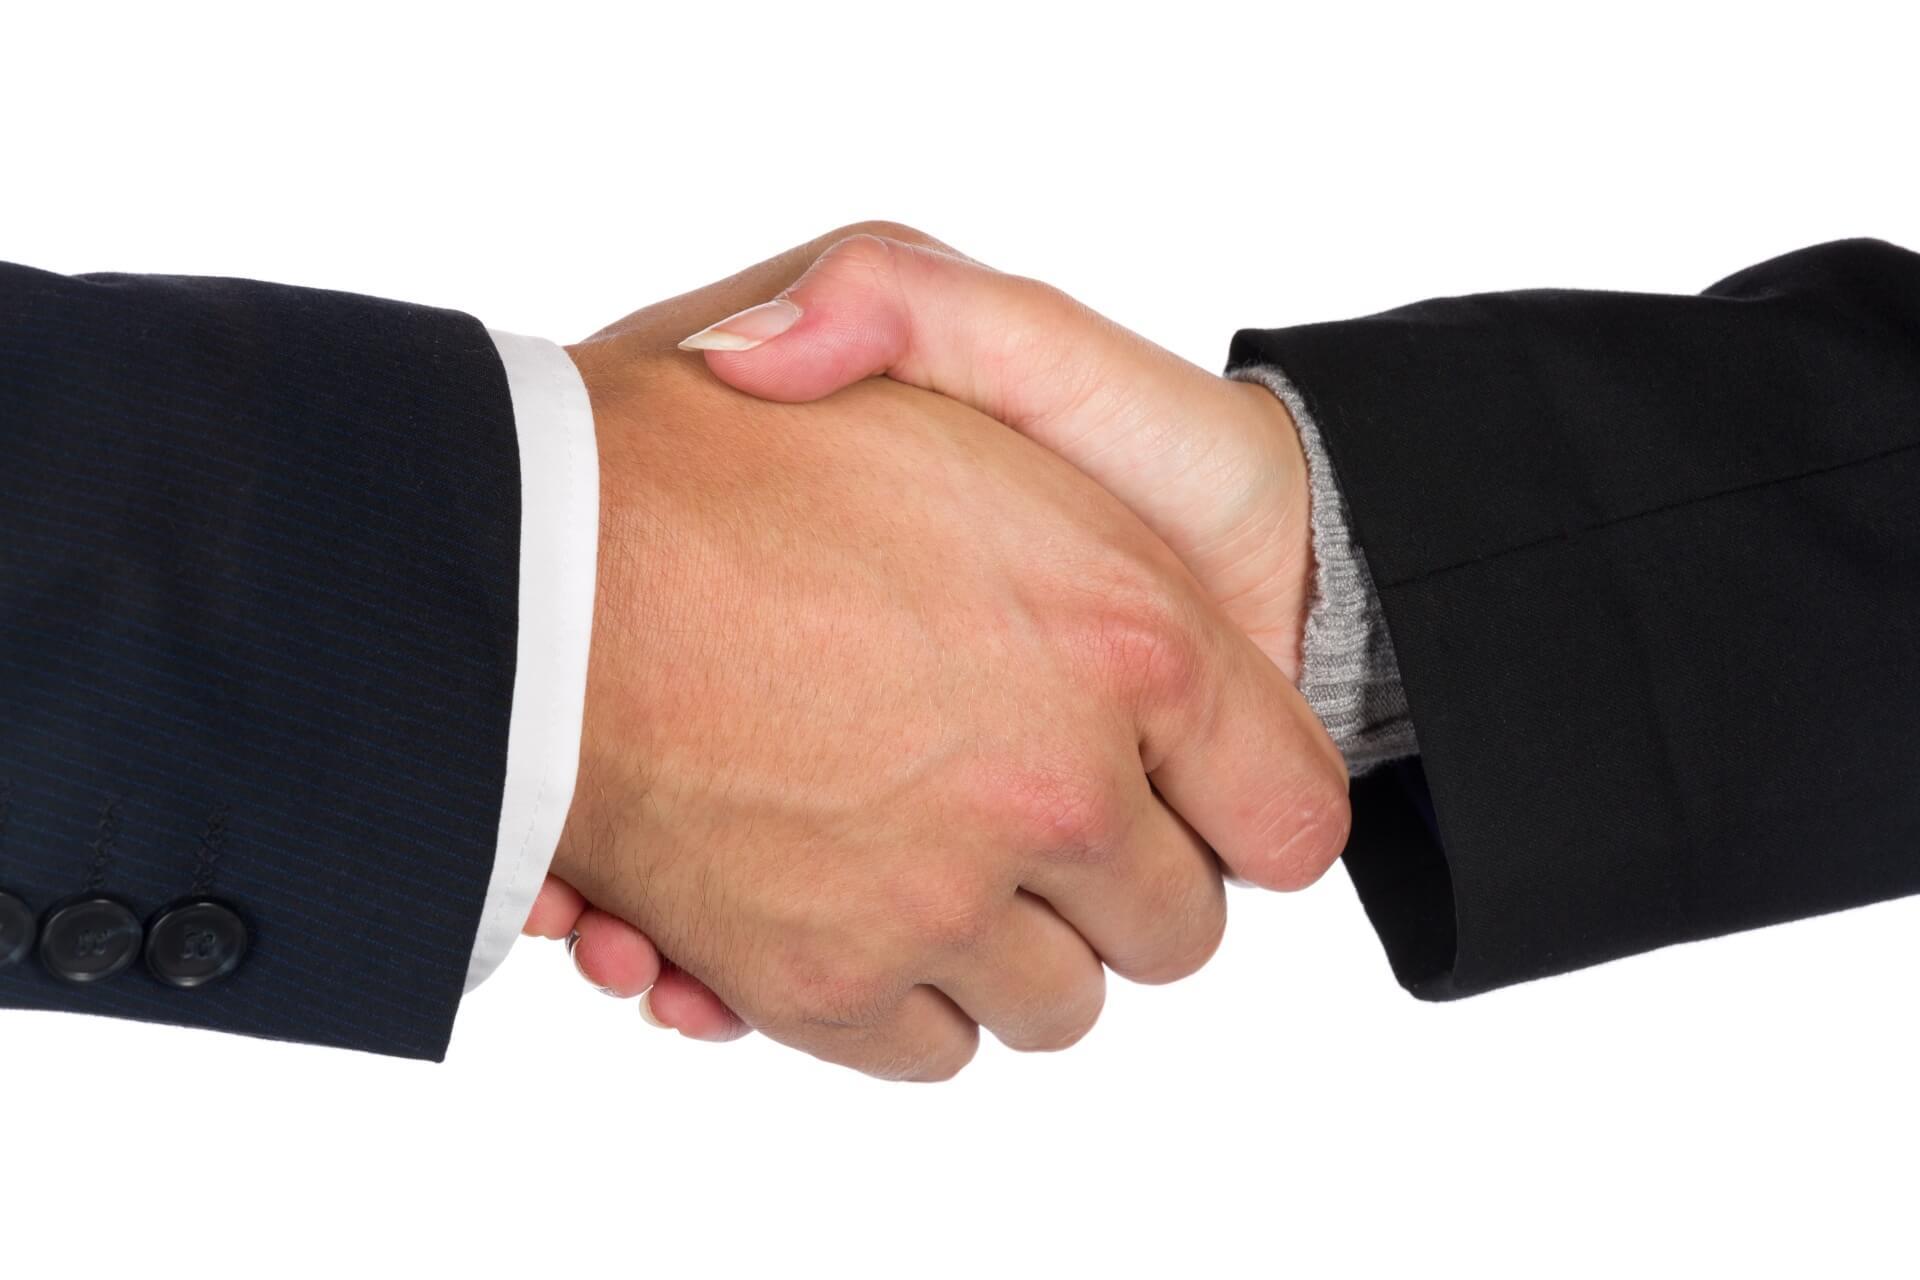 Negociar salario en entrevista